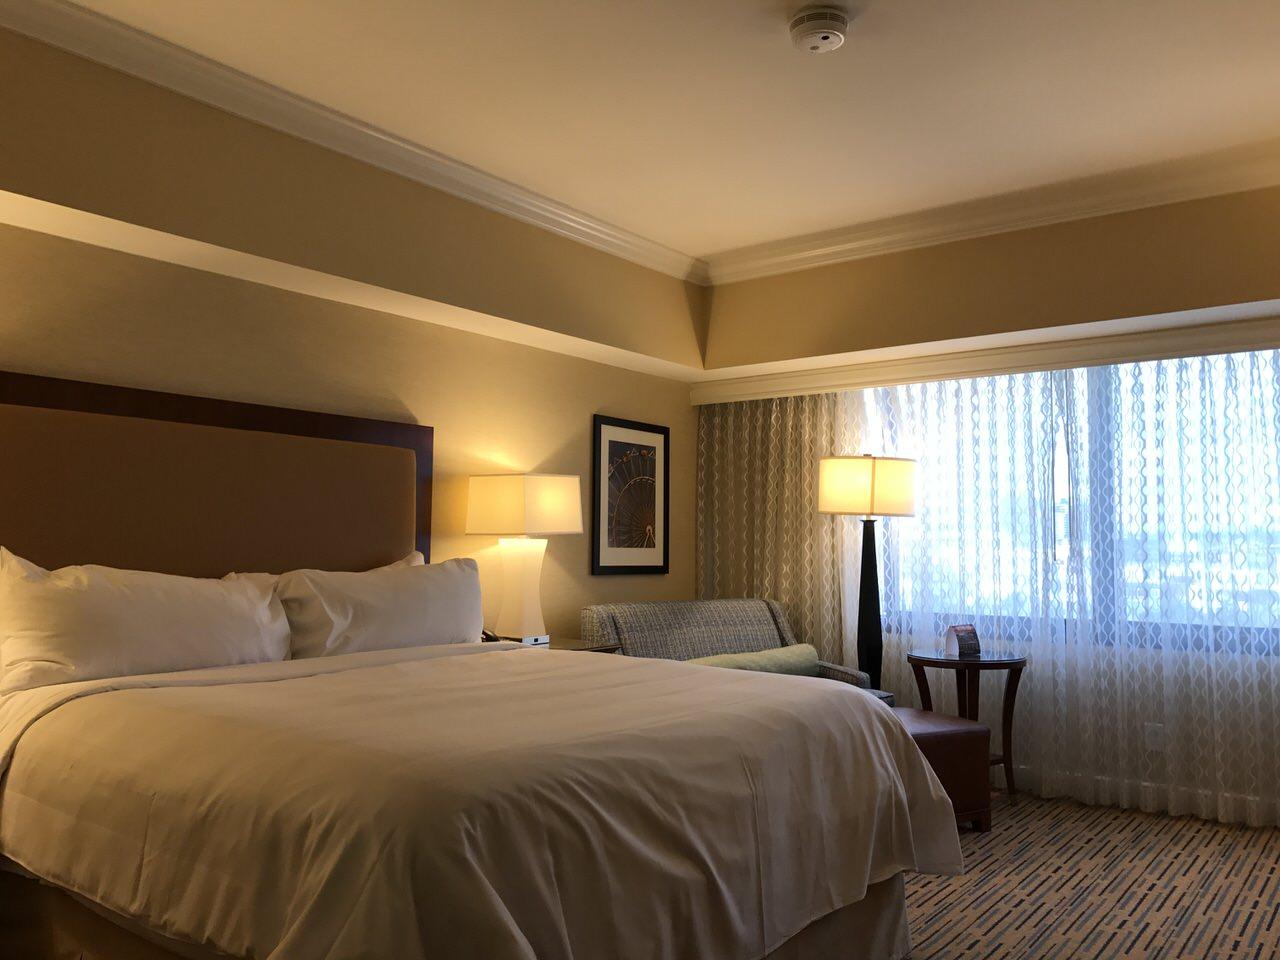 「サンディエゴ・マリオット・マーキス&マリーナ」サンディエゴの海沿いのホテル #AdobeMAX